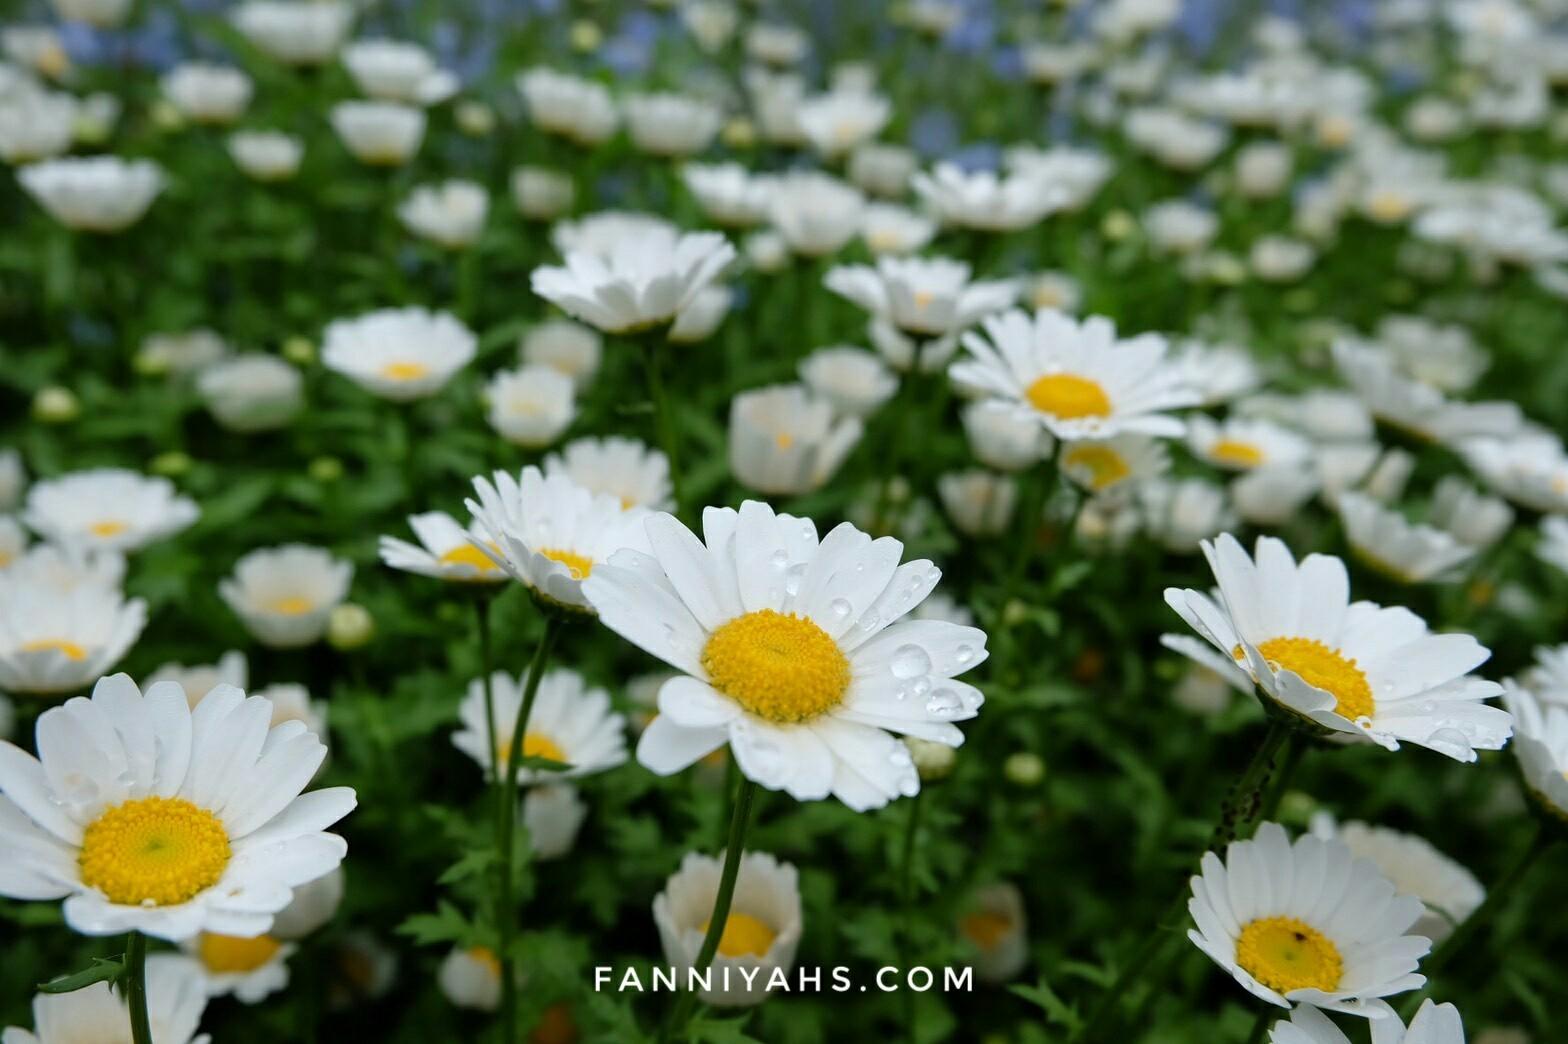 pengalaman-backpacker-ke-jepang-musim-semi-bunga-daisy-bunga-putih-disney-sea